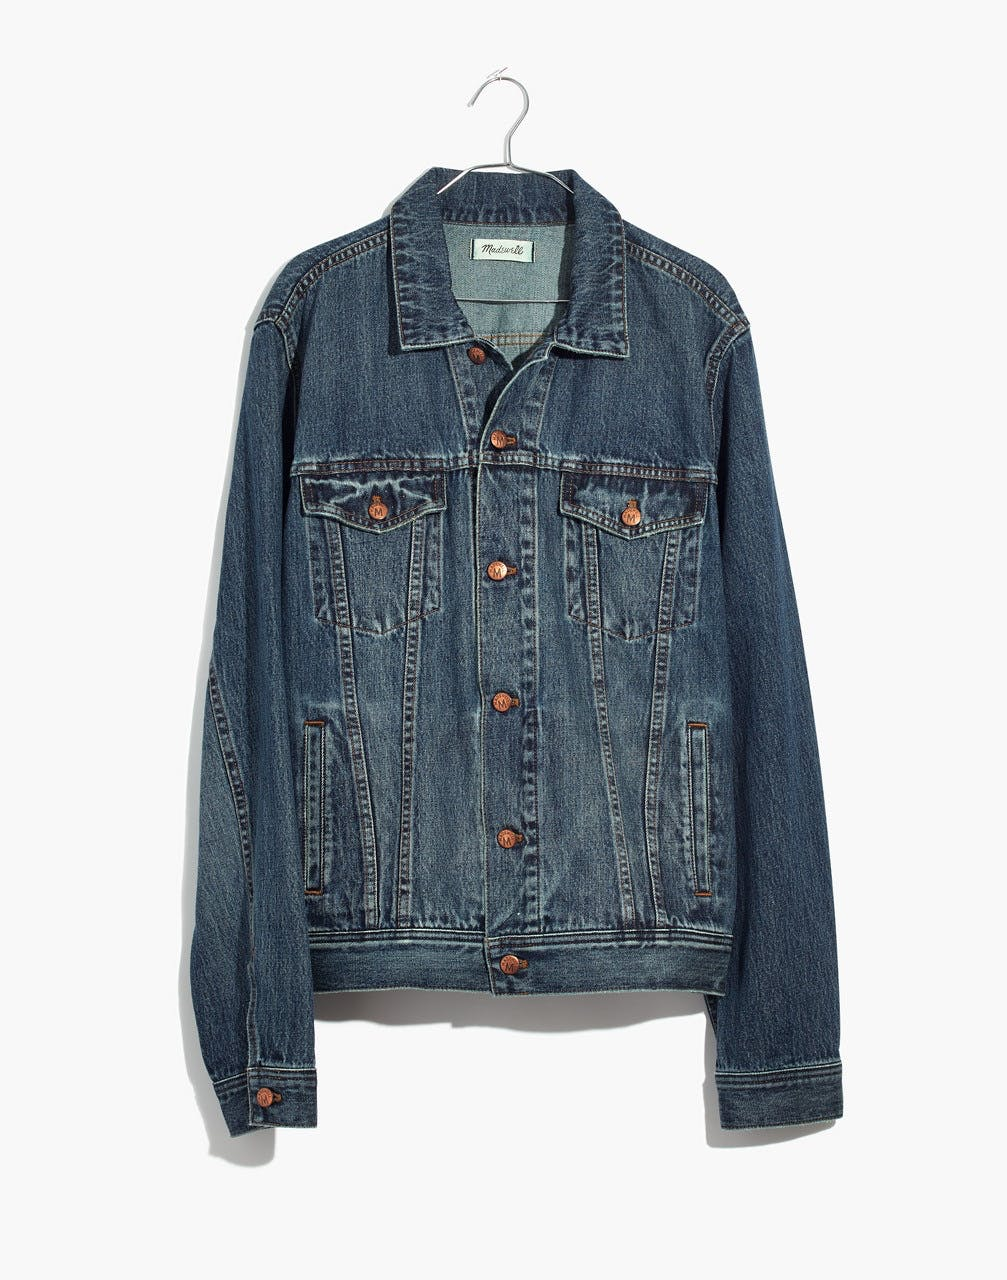 madewell, madewell jeans, madewell denim, jeans, denim, skinny jeans, denimblog, denim blog, jeansblog, jeans blog, denim jacket, trucker jacket, jean jacket, classic jean jacket, type 3 denim jacket, type 3 jean jacket